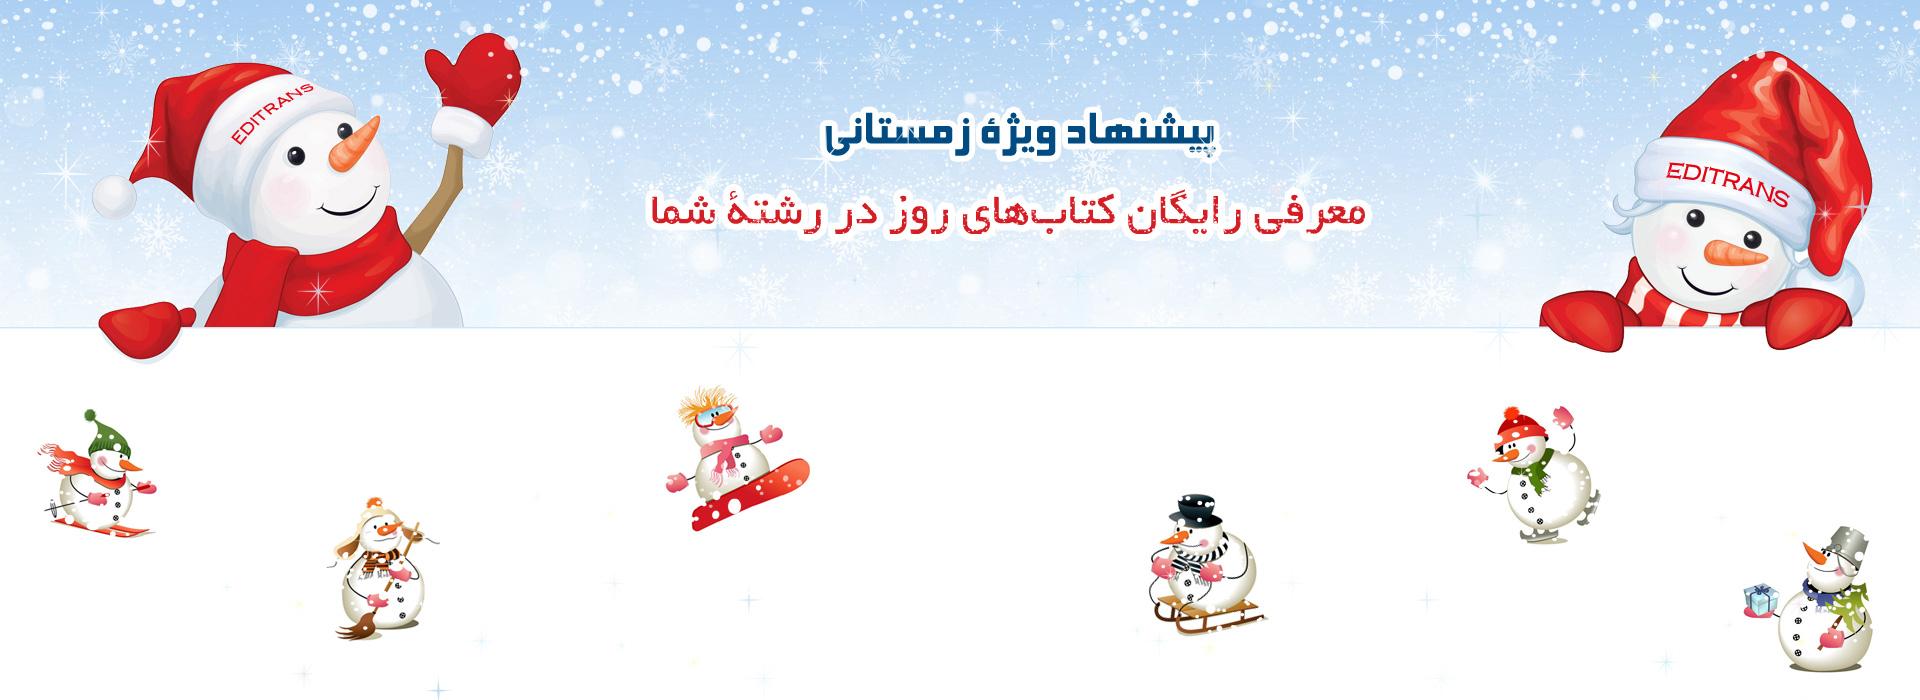 پیشنهاد ویژه زمستانی